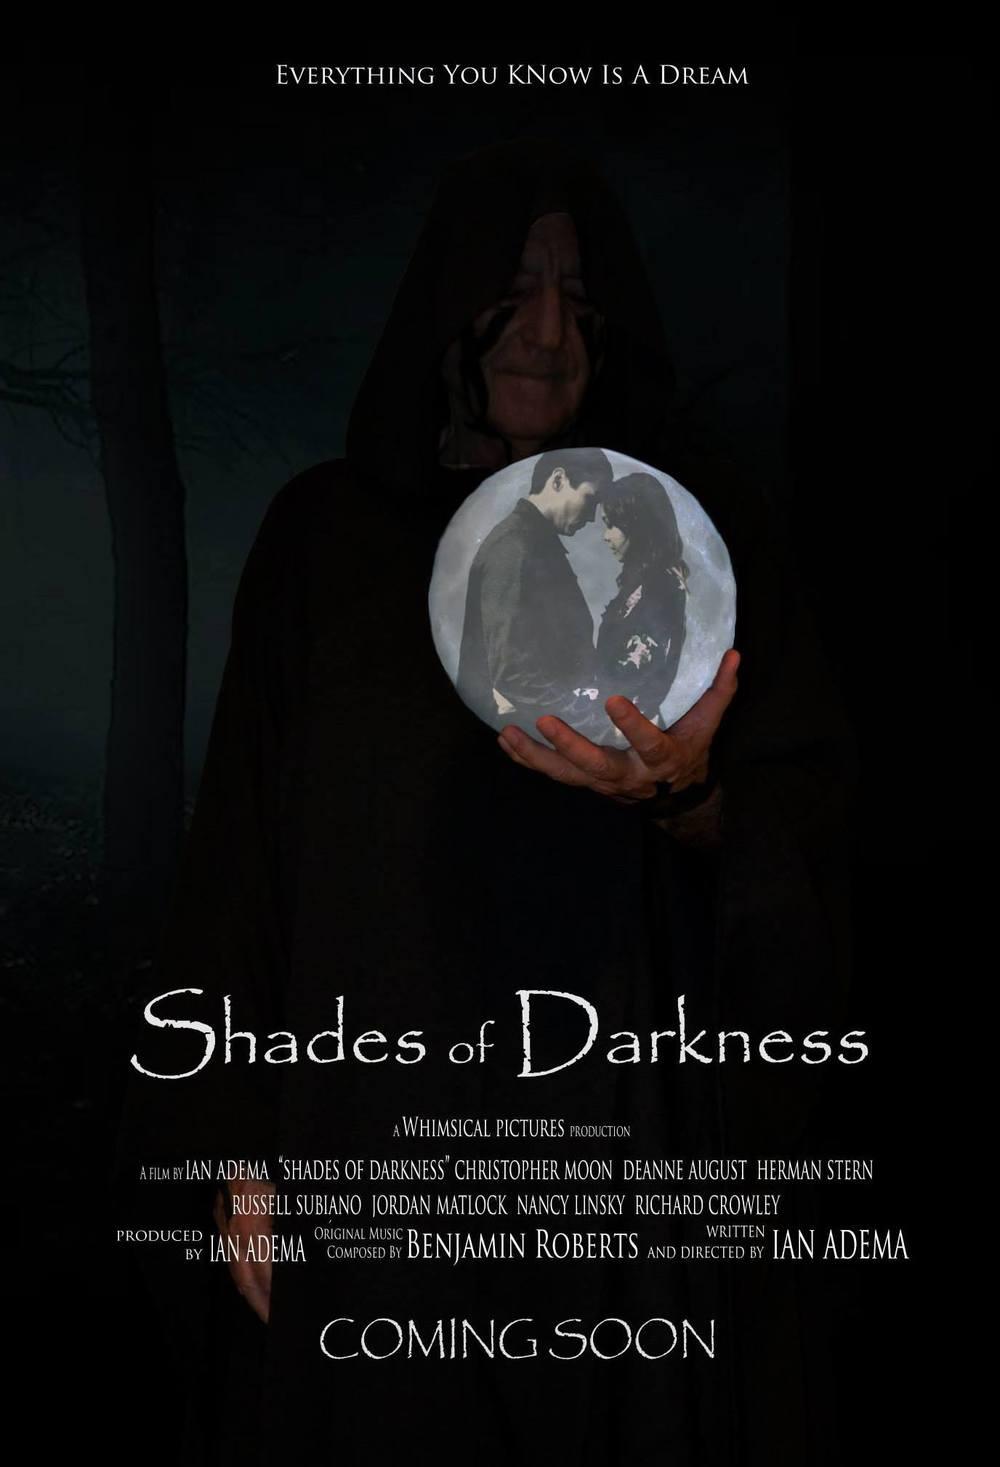 ShadesofDarkness